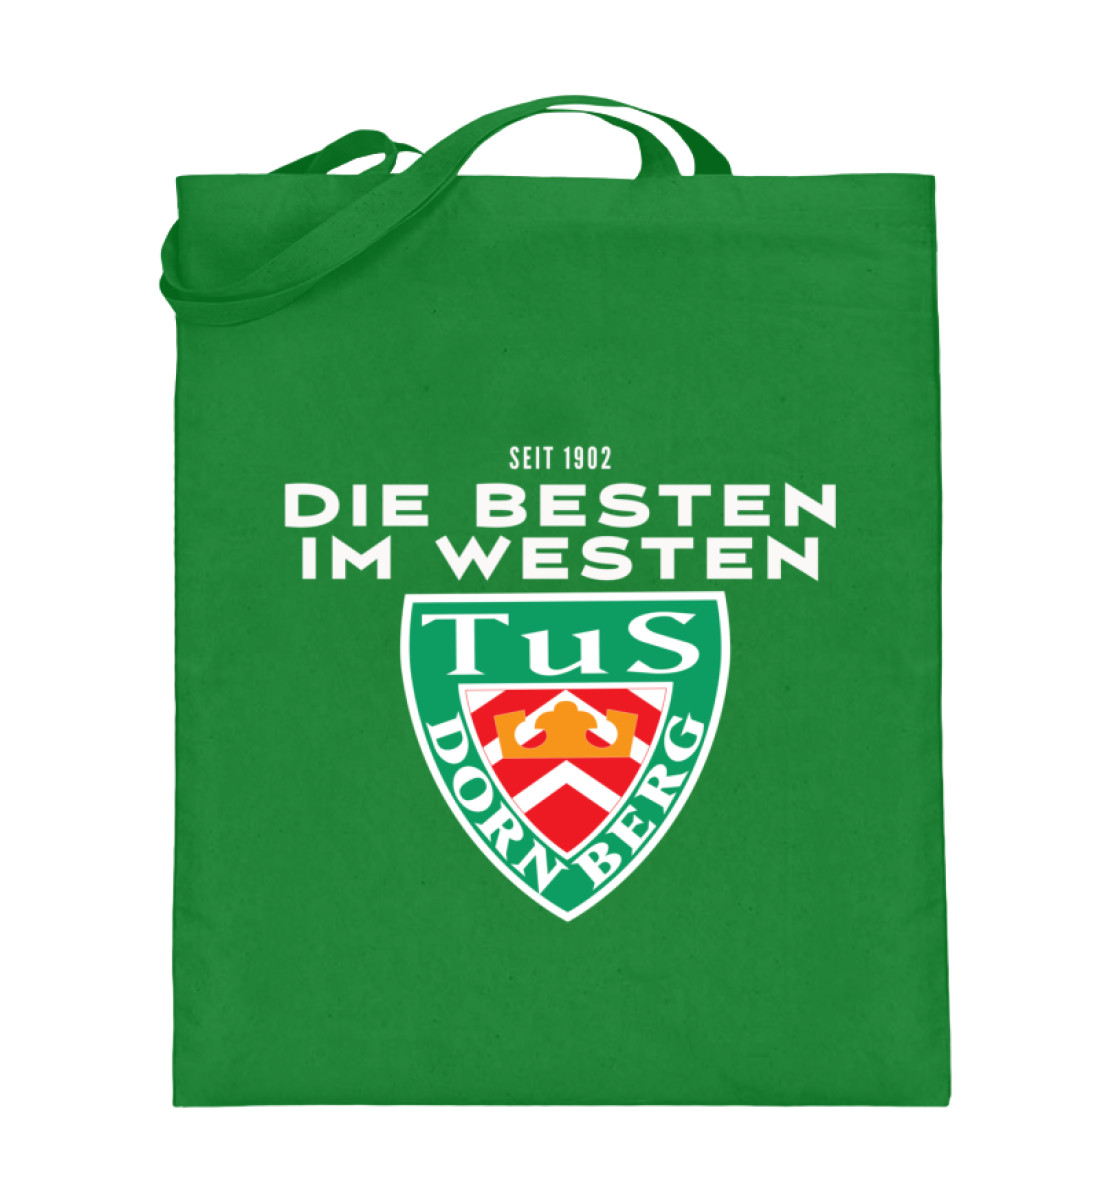 Die Besten im Westen - Jutebeutel (mit langen Henkeln)-5747